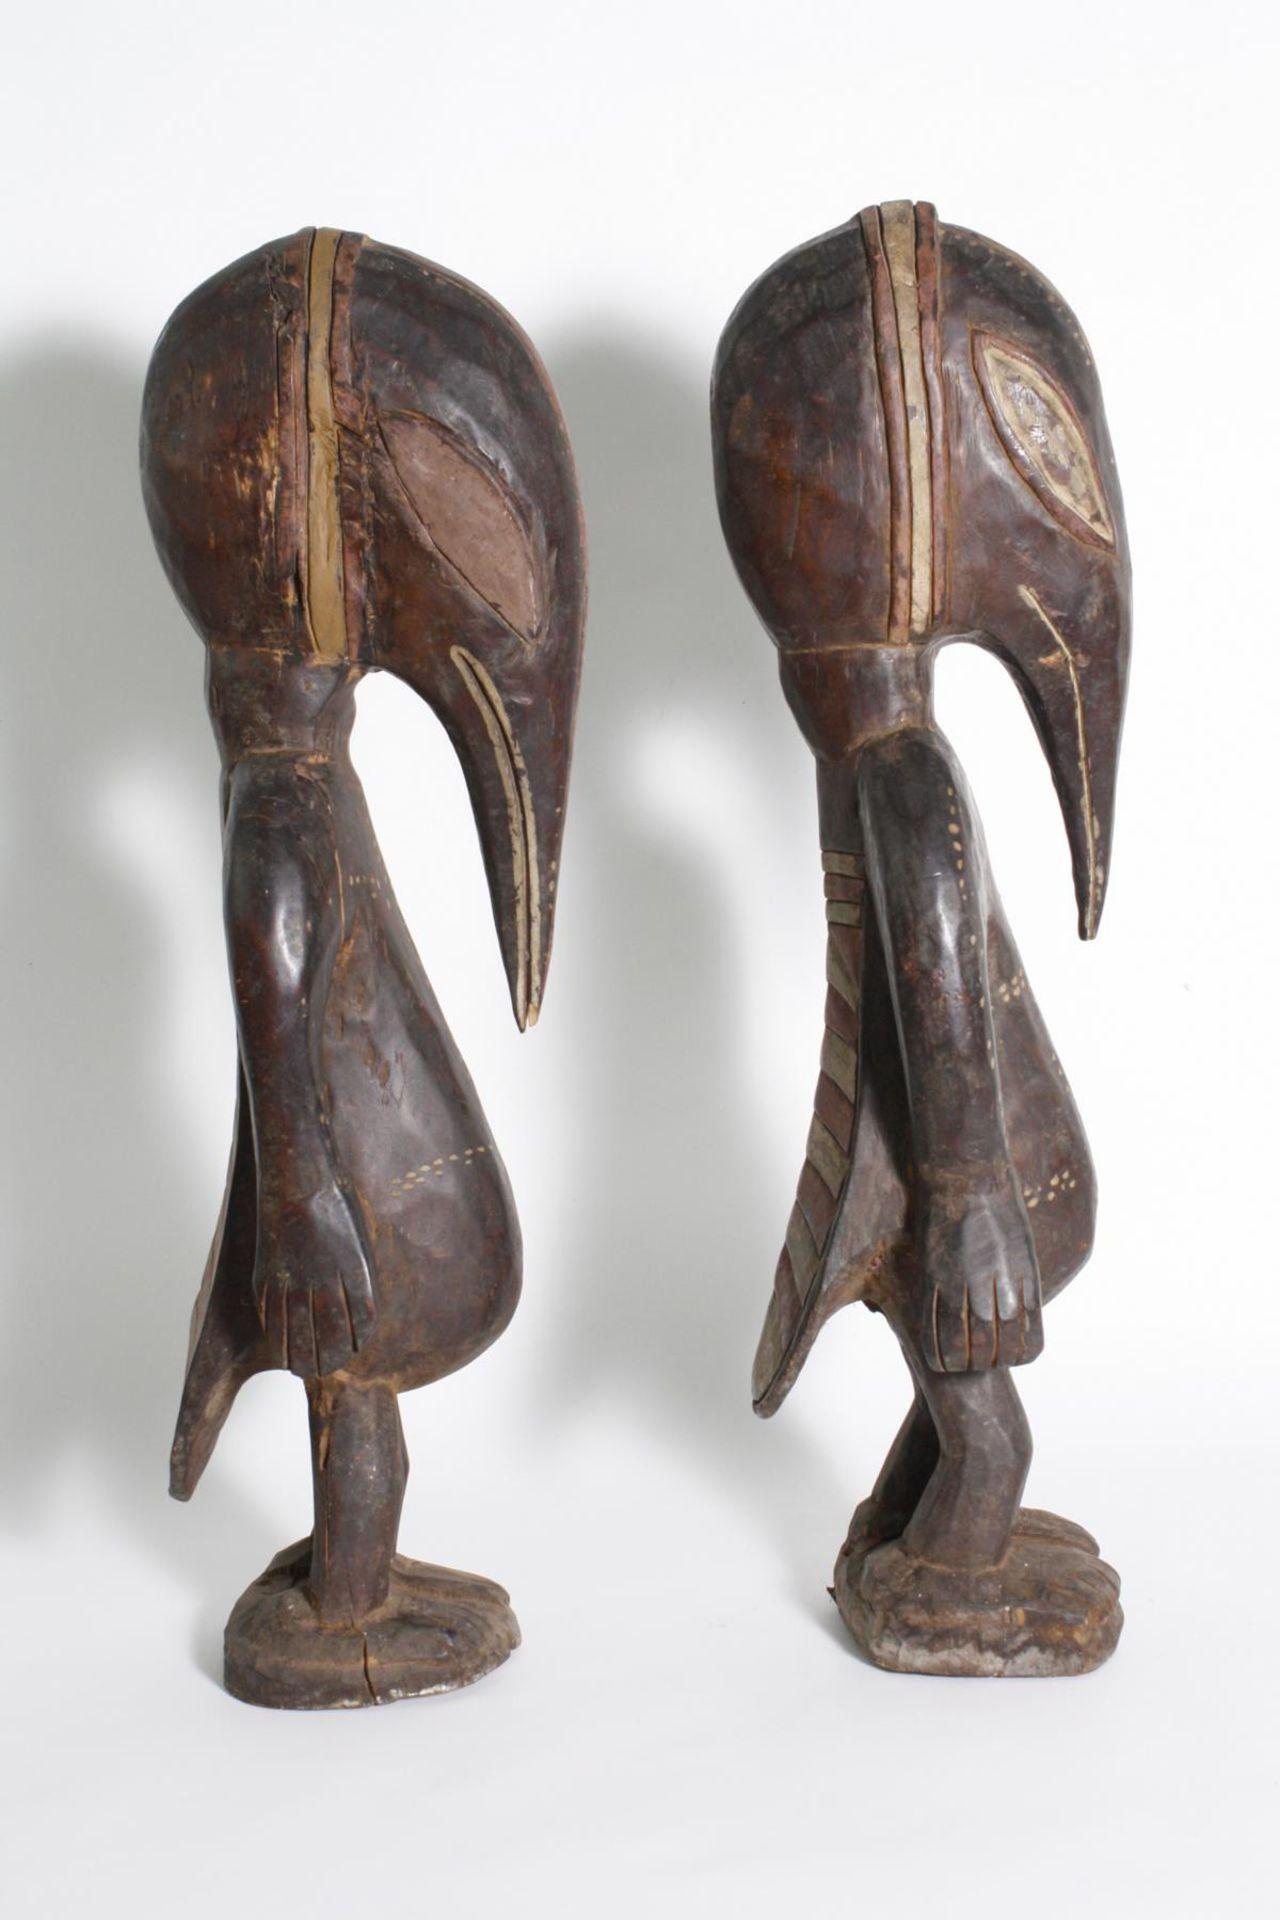 Figurenpaar, Calao , Senufo, Elfenbeinküste, 1. Hälfte 20. Jh. - Bild 4 aus 5